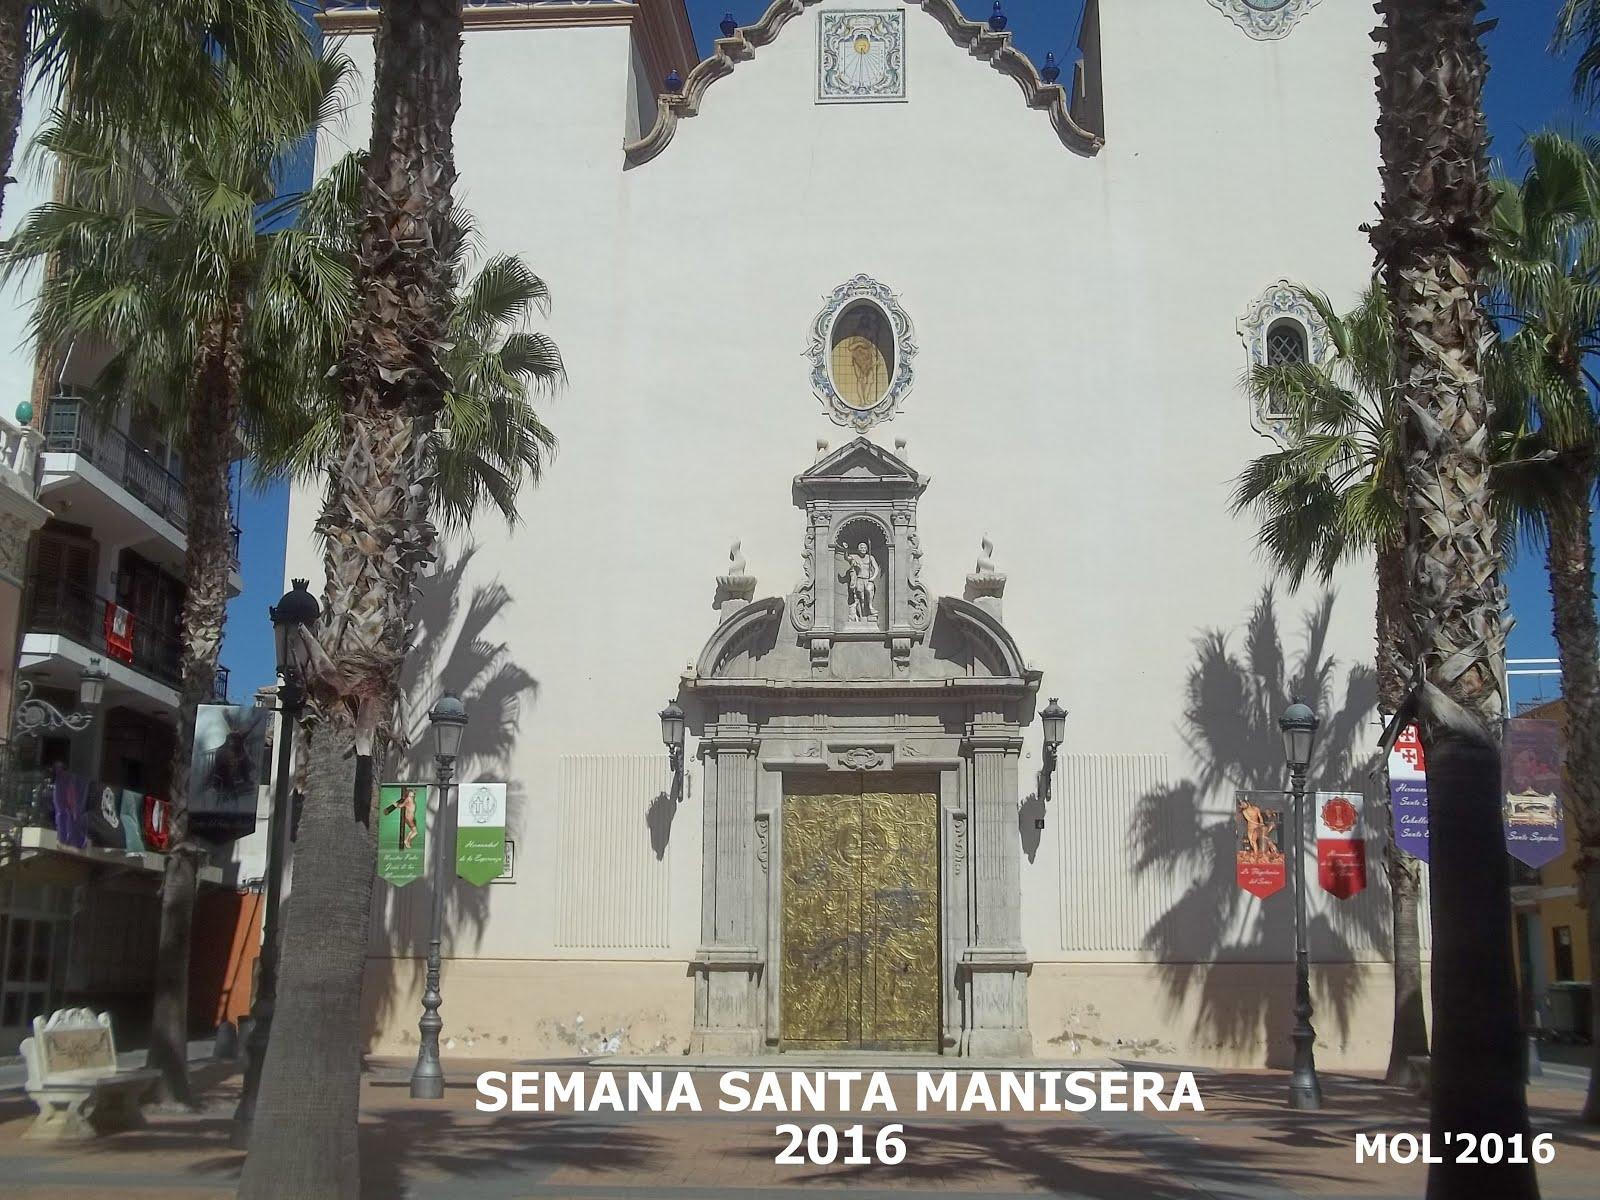 27.03.16 SEMANA SANTA MANISERA, PROCESIONES Y ACTOS CELEBRADOS EN 2016